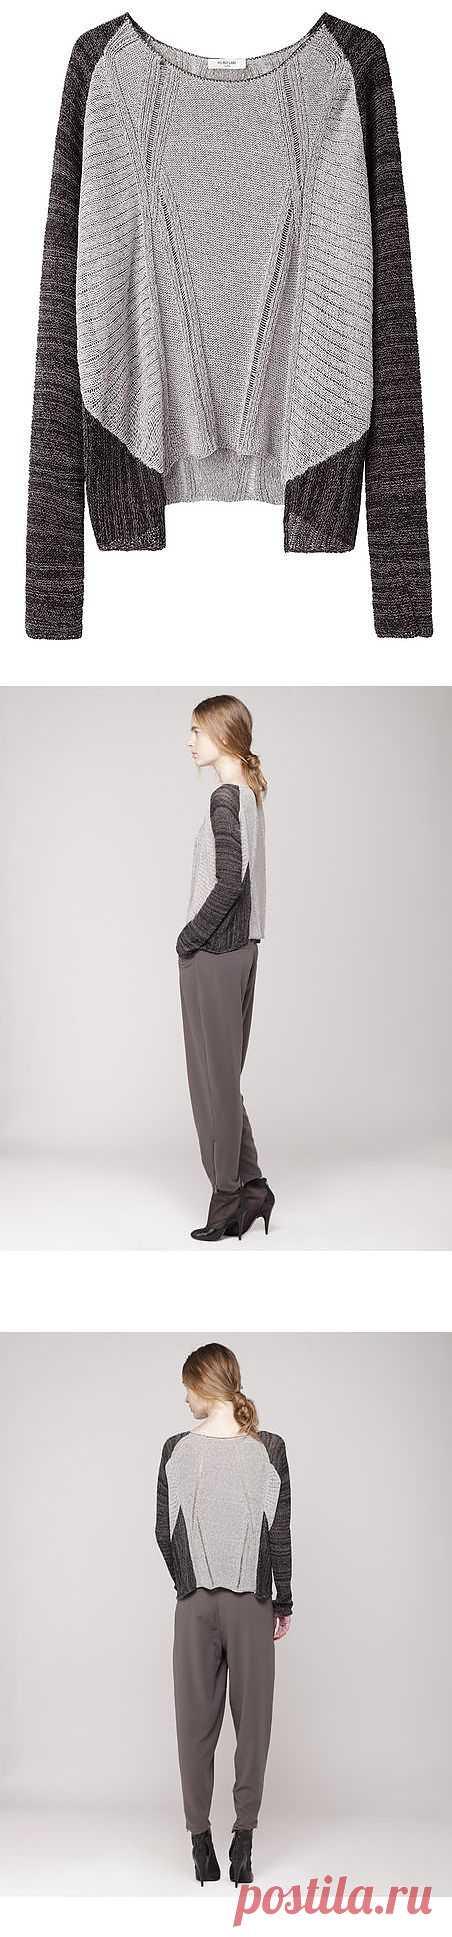 Свитер Helmut Lang / Вязание / Модный сайт о стильной переделке одежды и интерьера